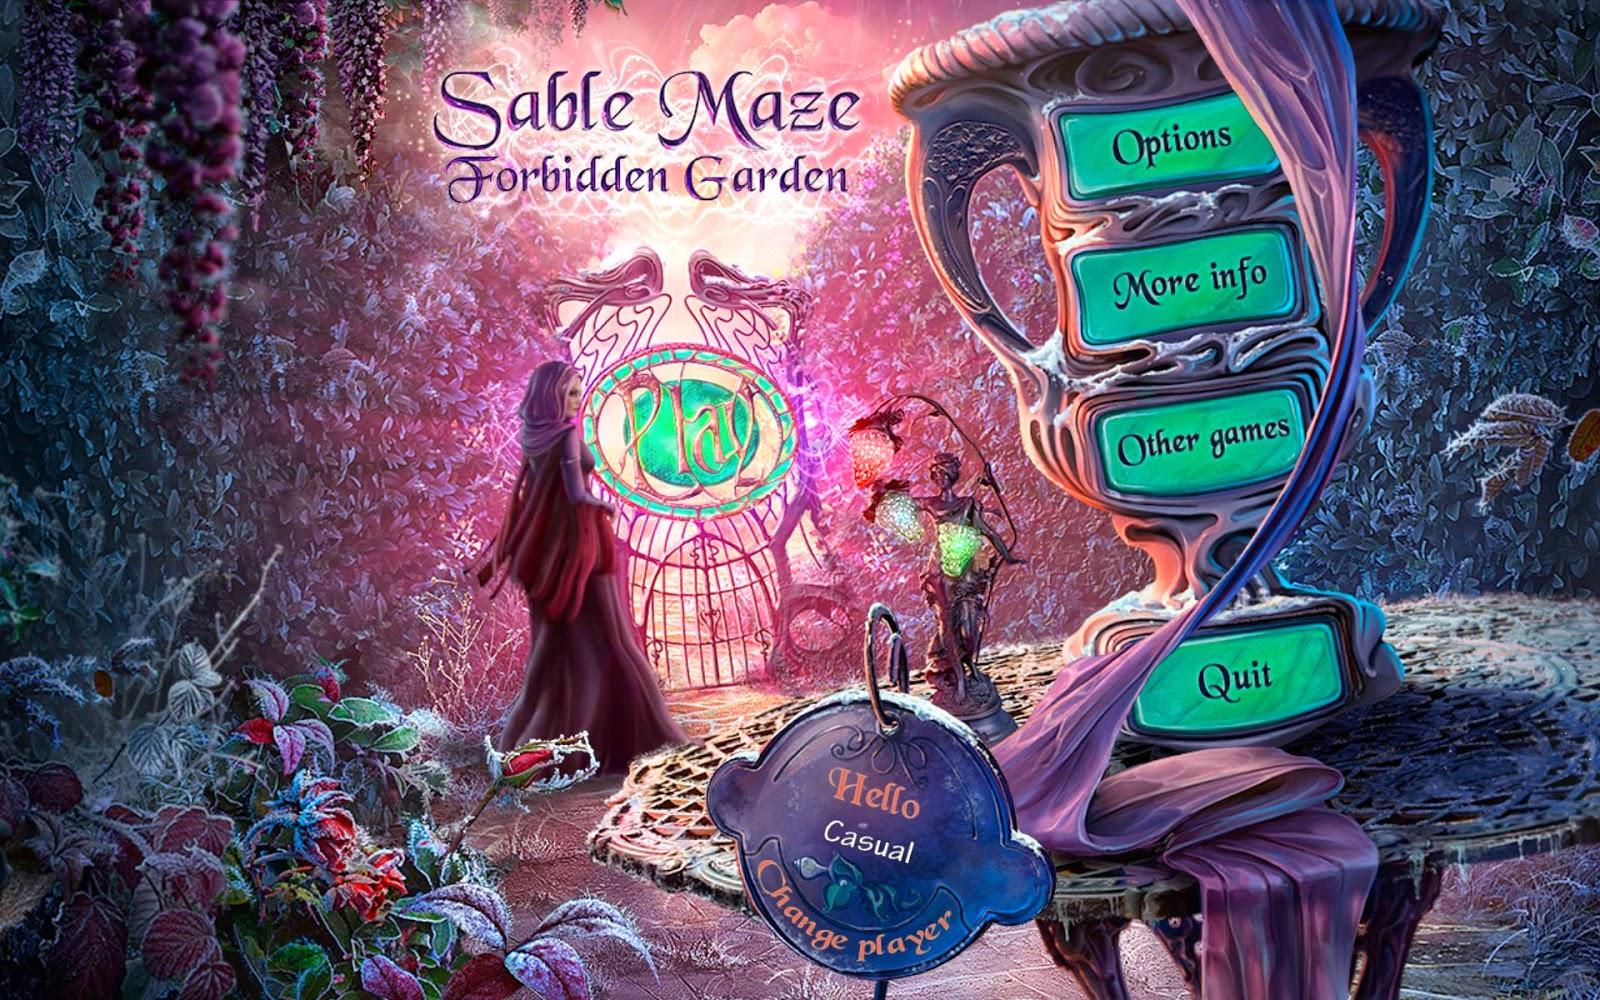 http://scriptogr.am/casual-games/post/sable-maze-3-forbidden-garden-collectors-edition-game-final